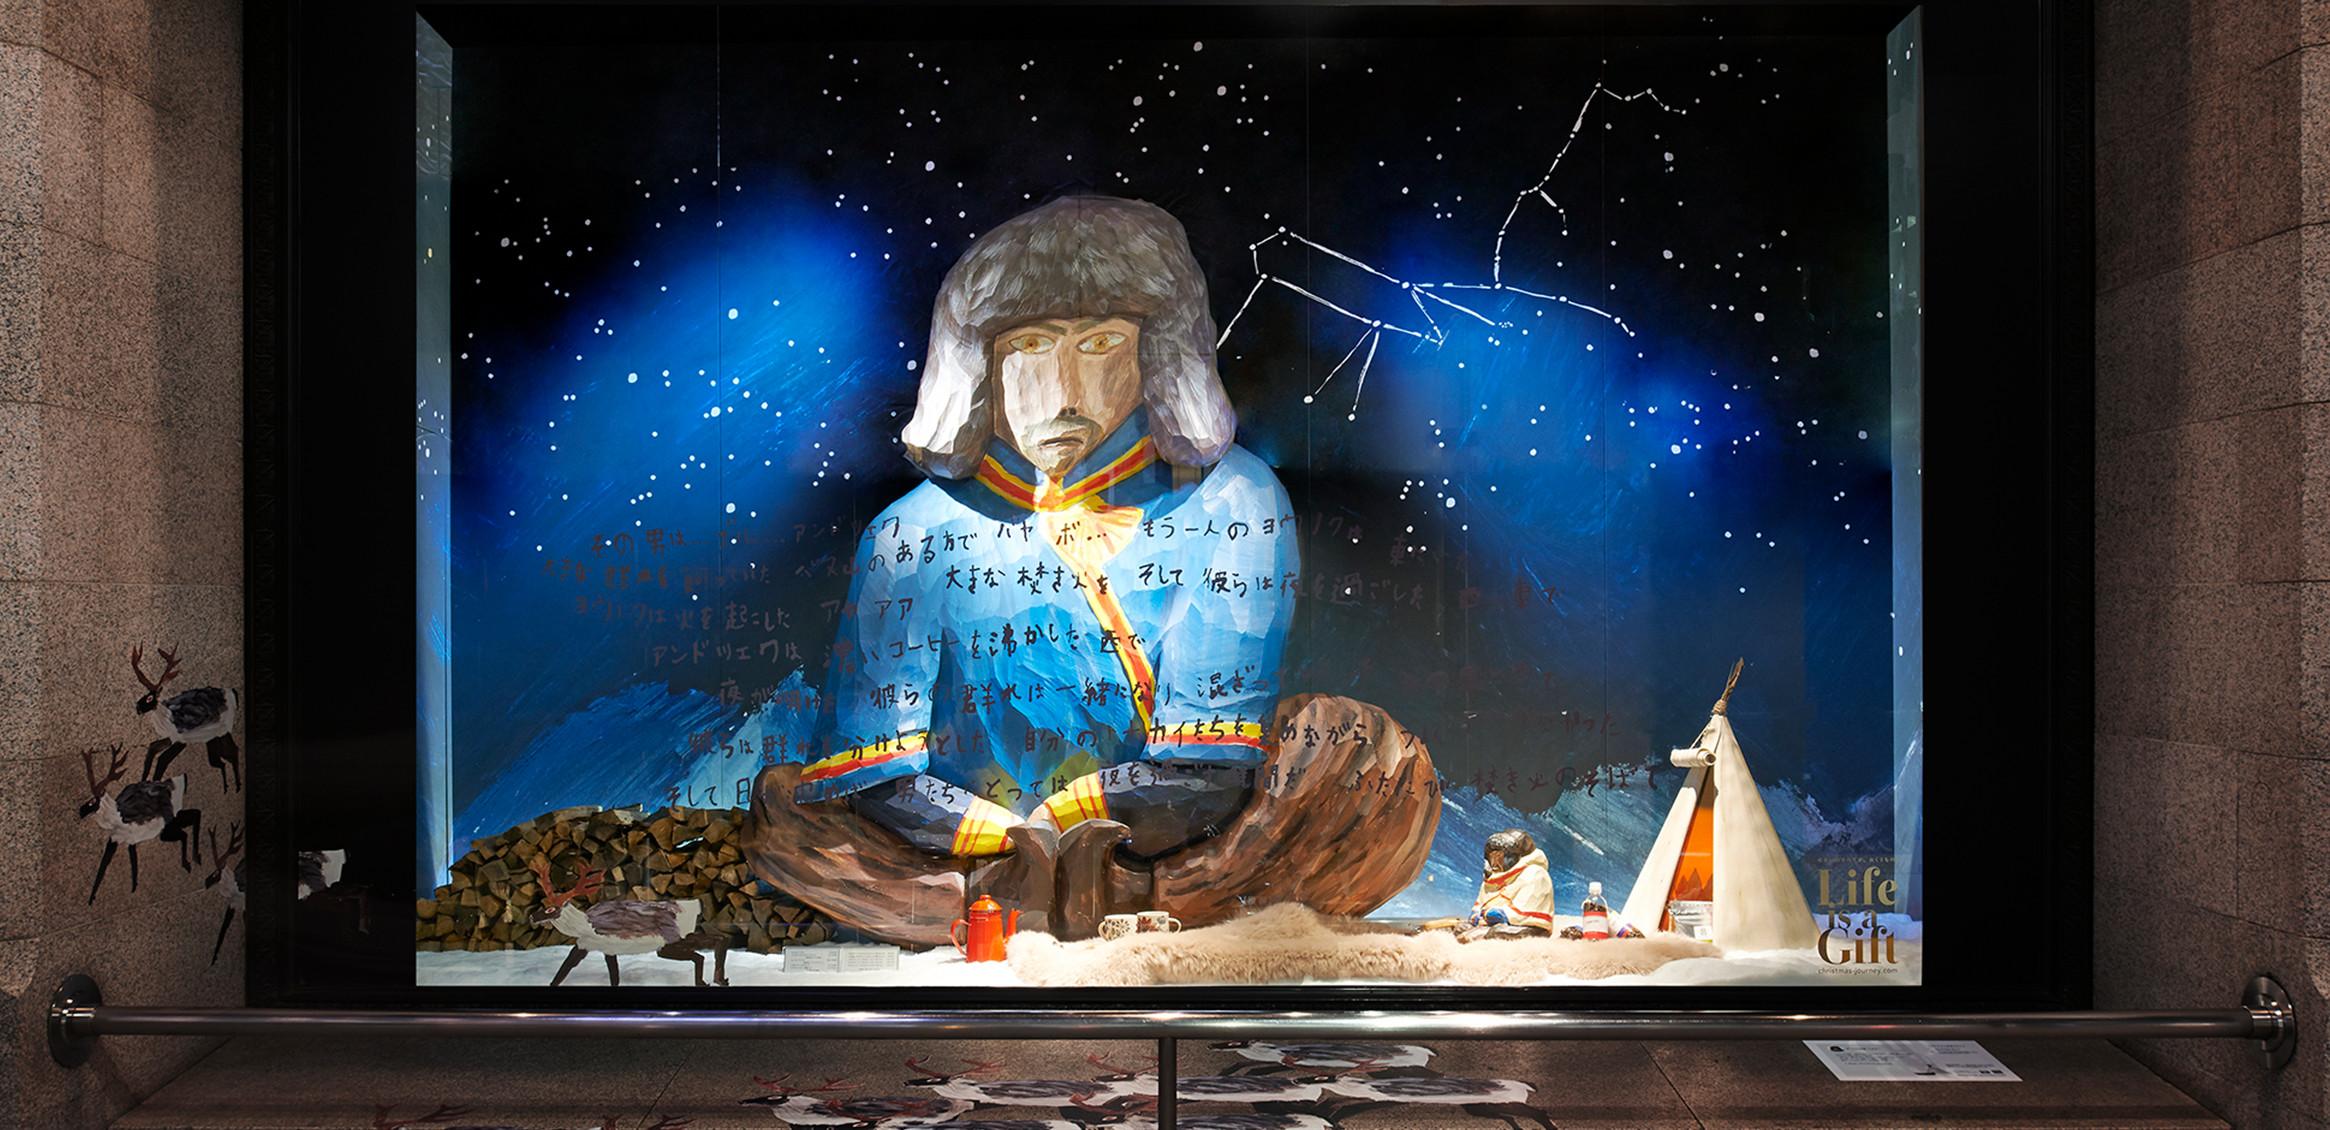 伊勢丹クリスマスキャンペーン2014 ディスプレイ2枚目